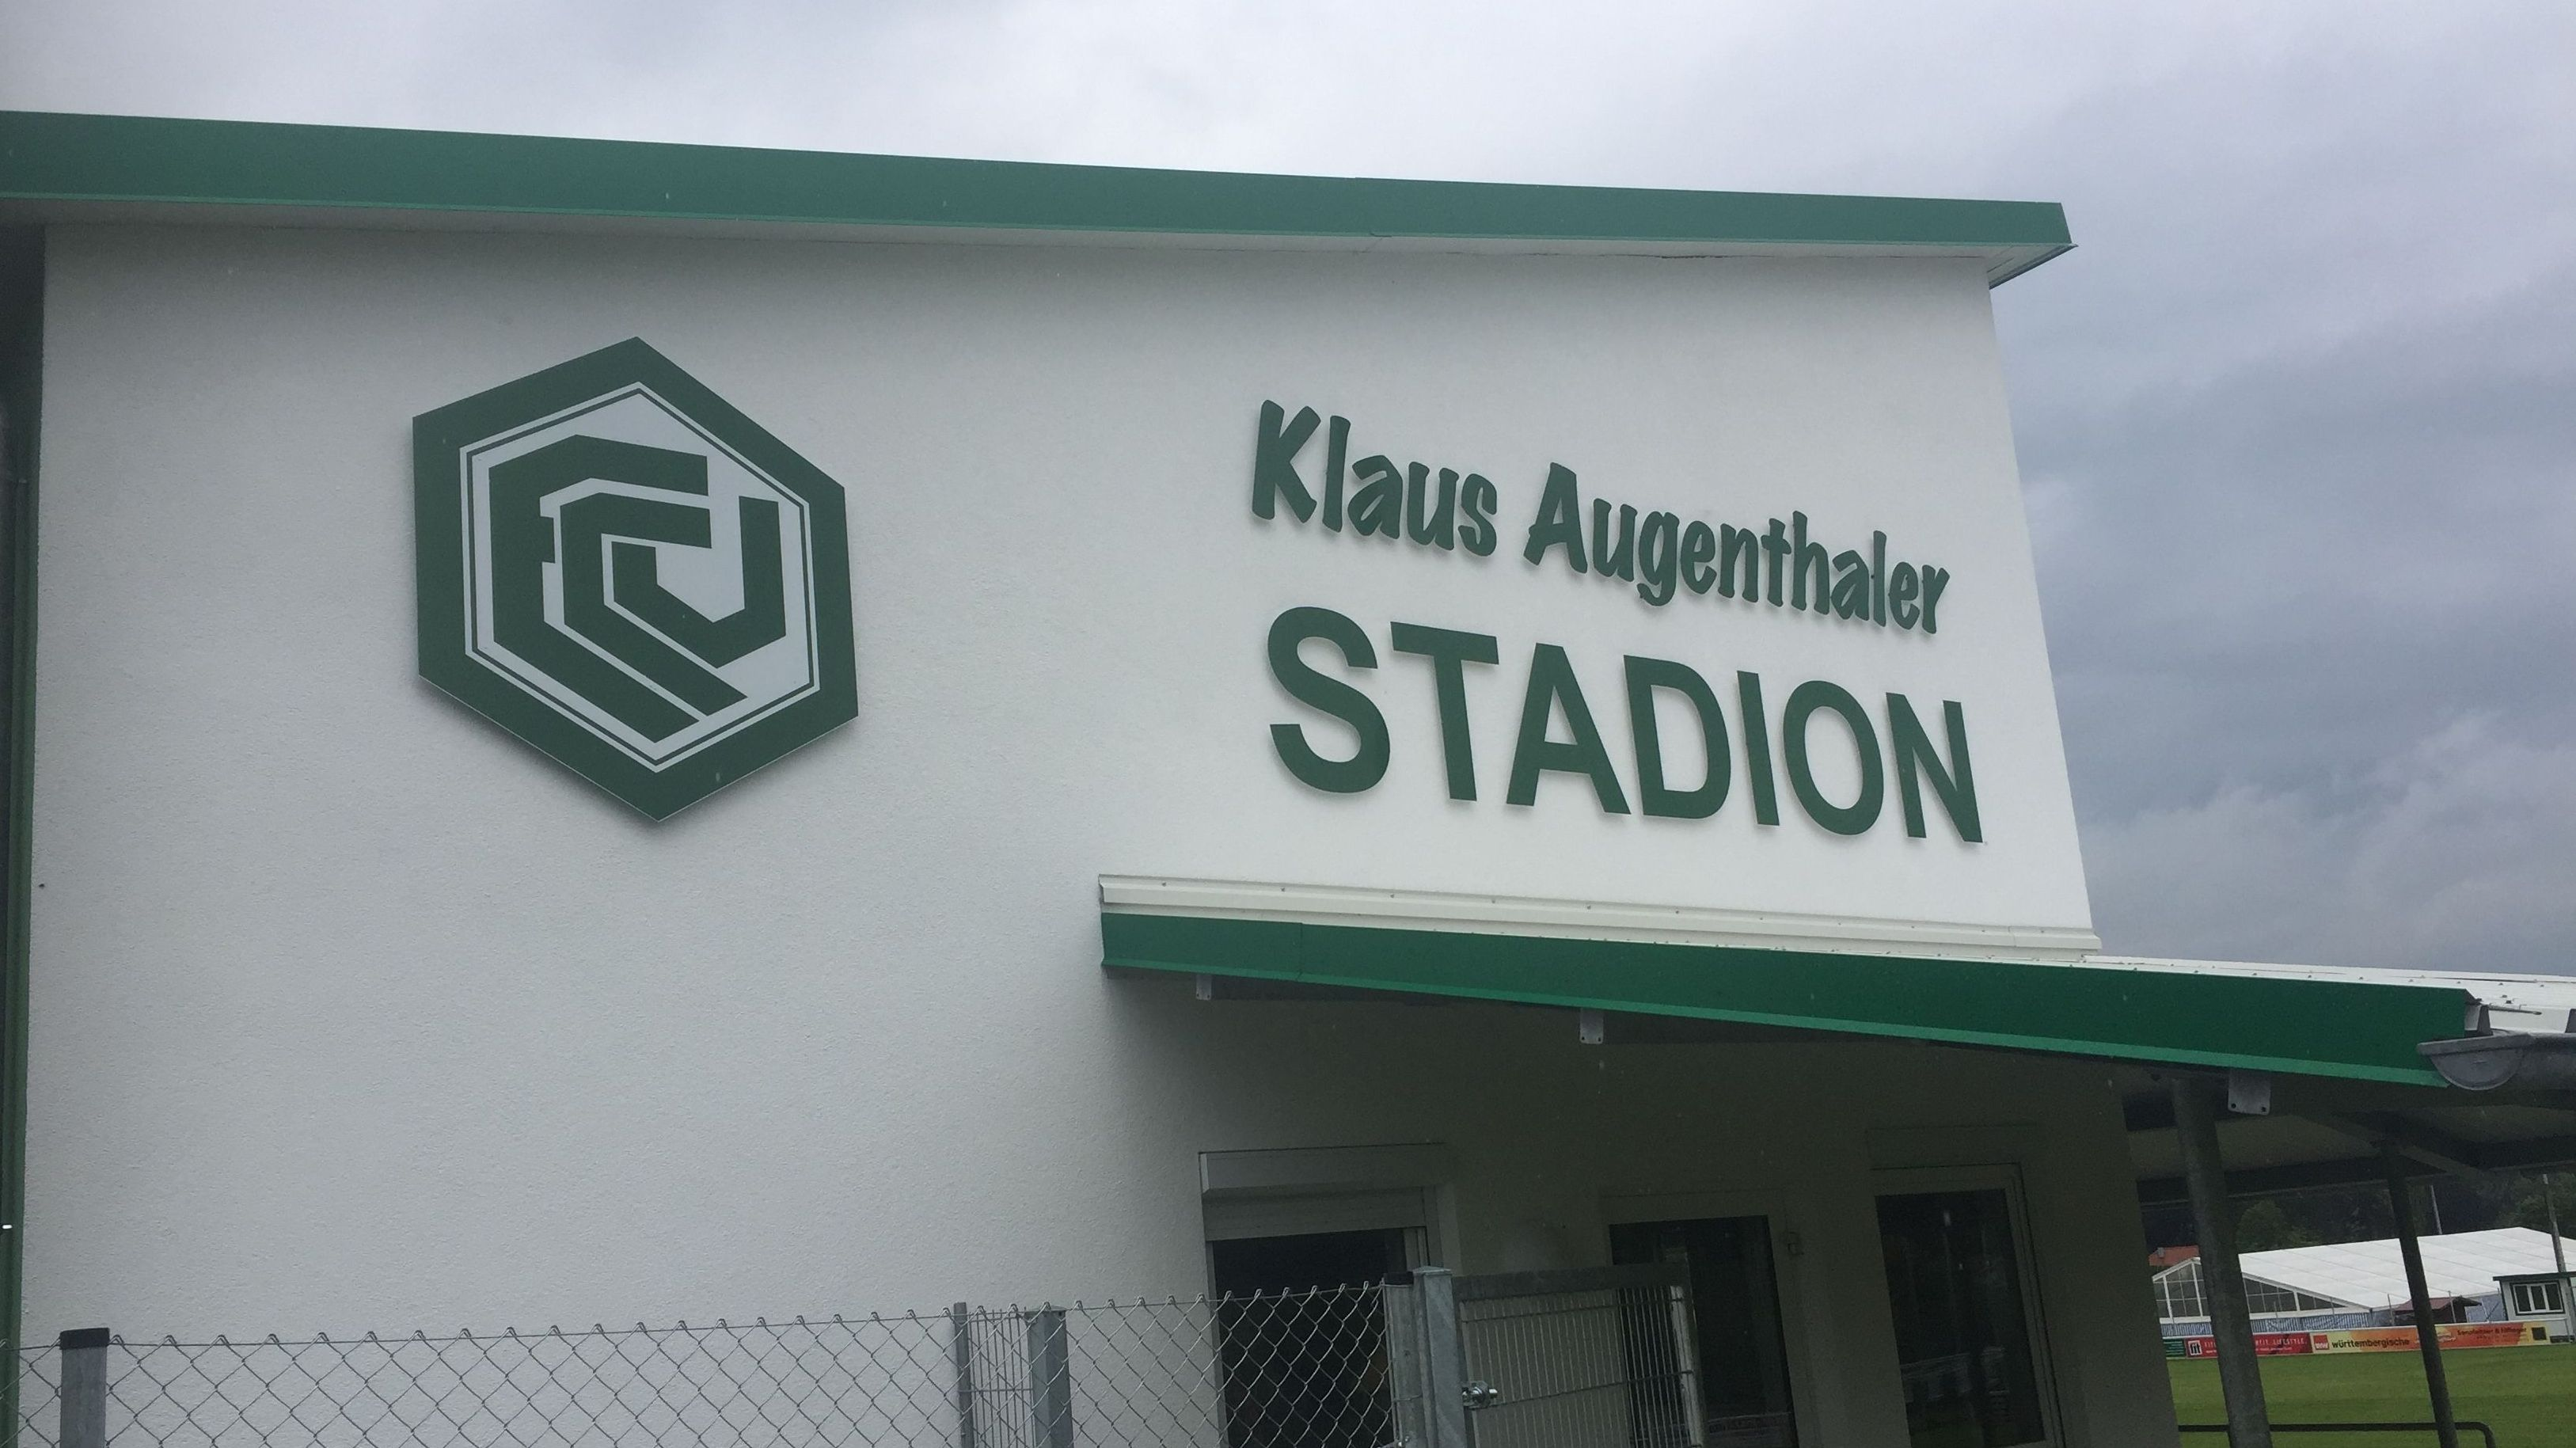 Klaus Augenthaler Stadion